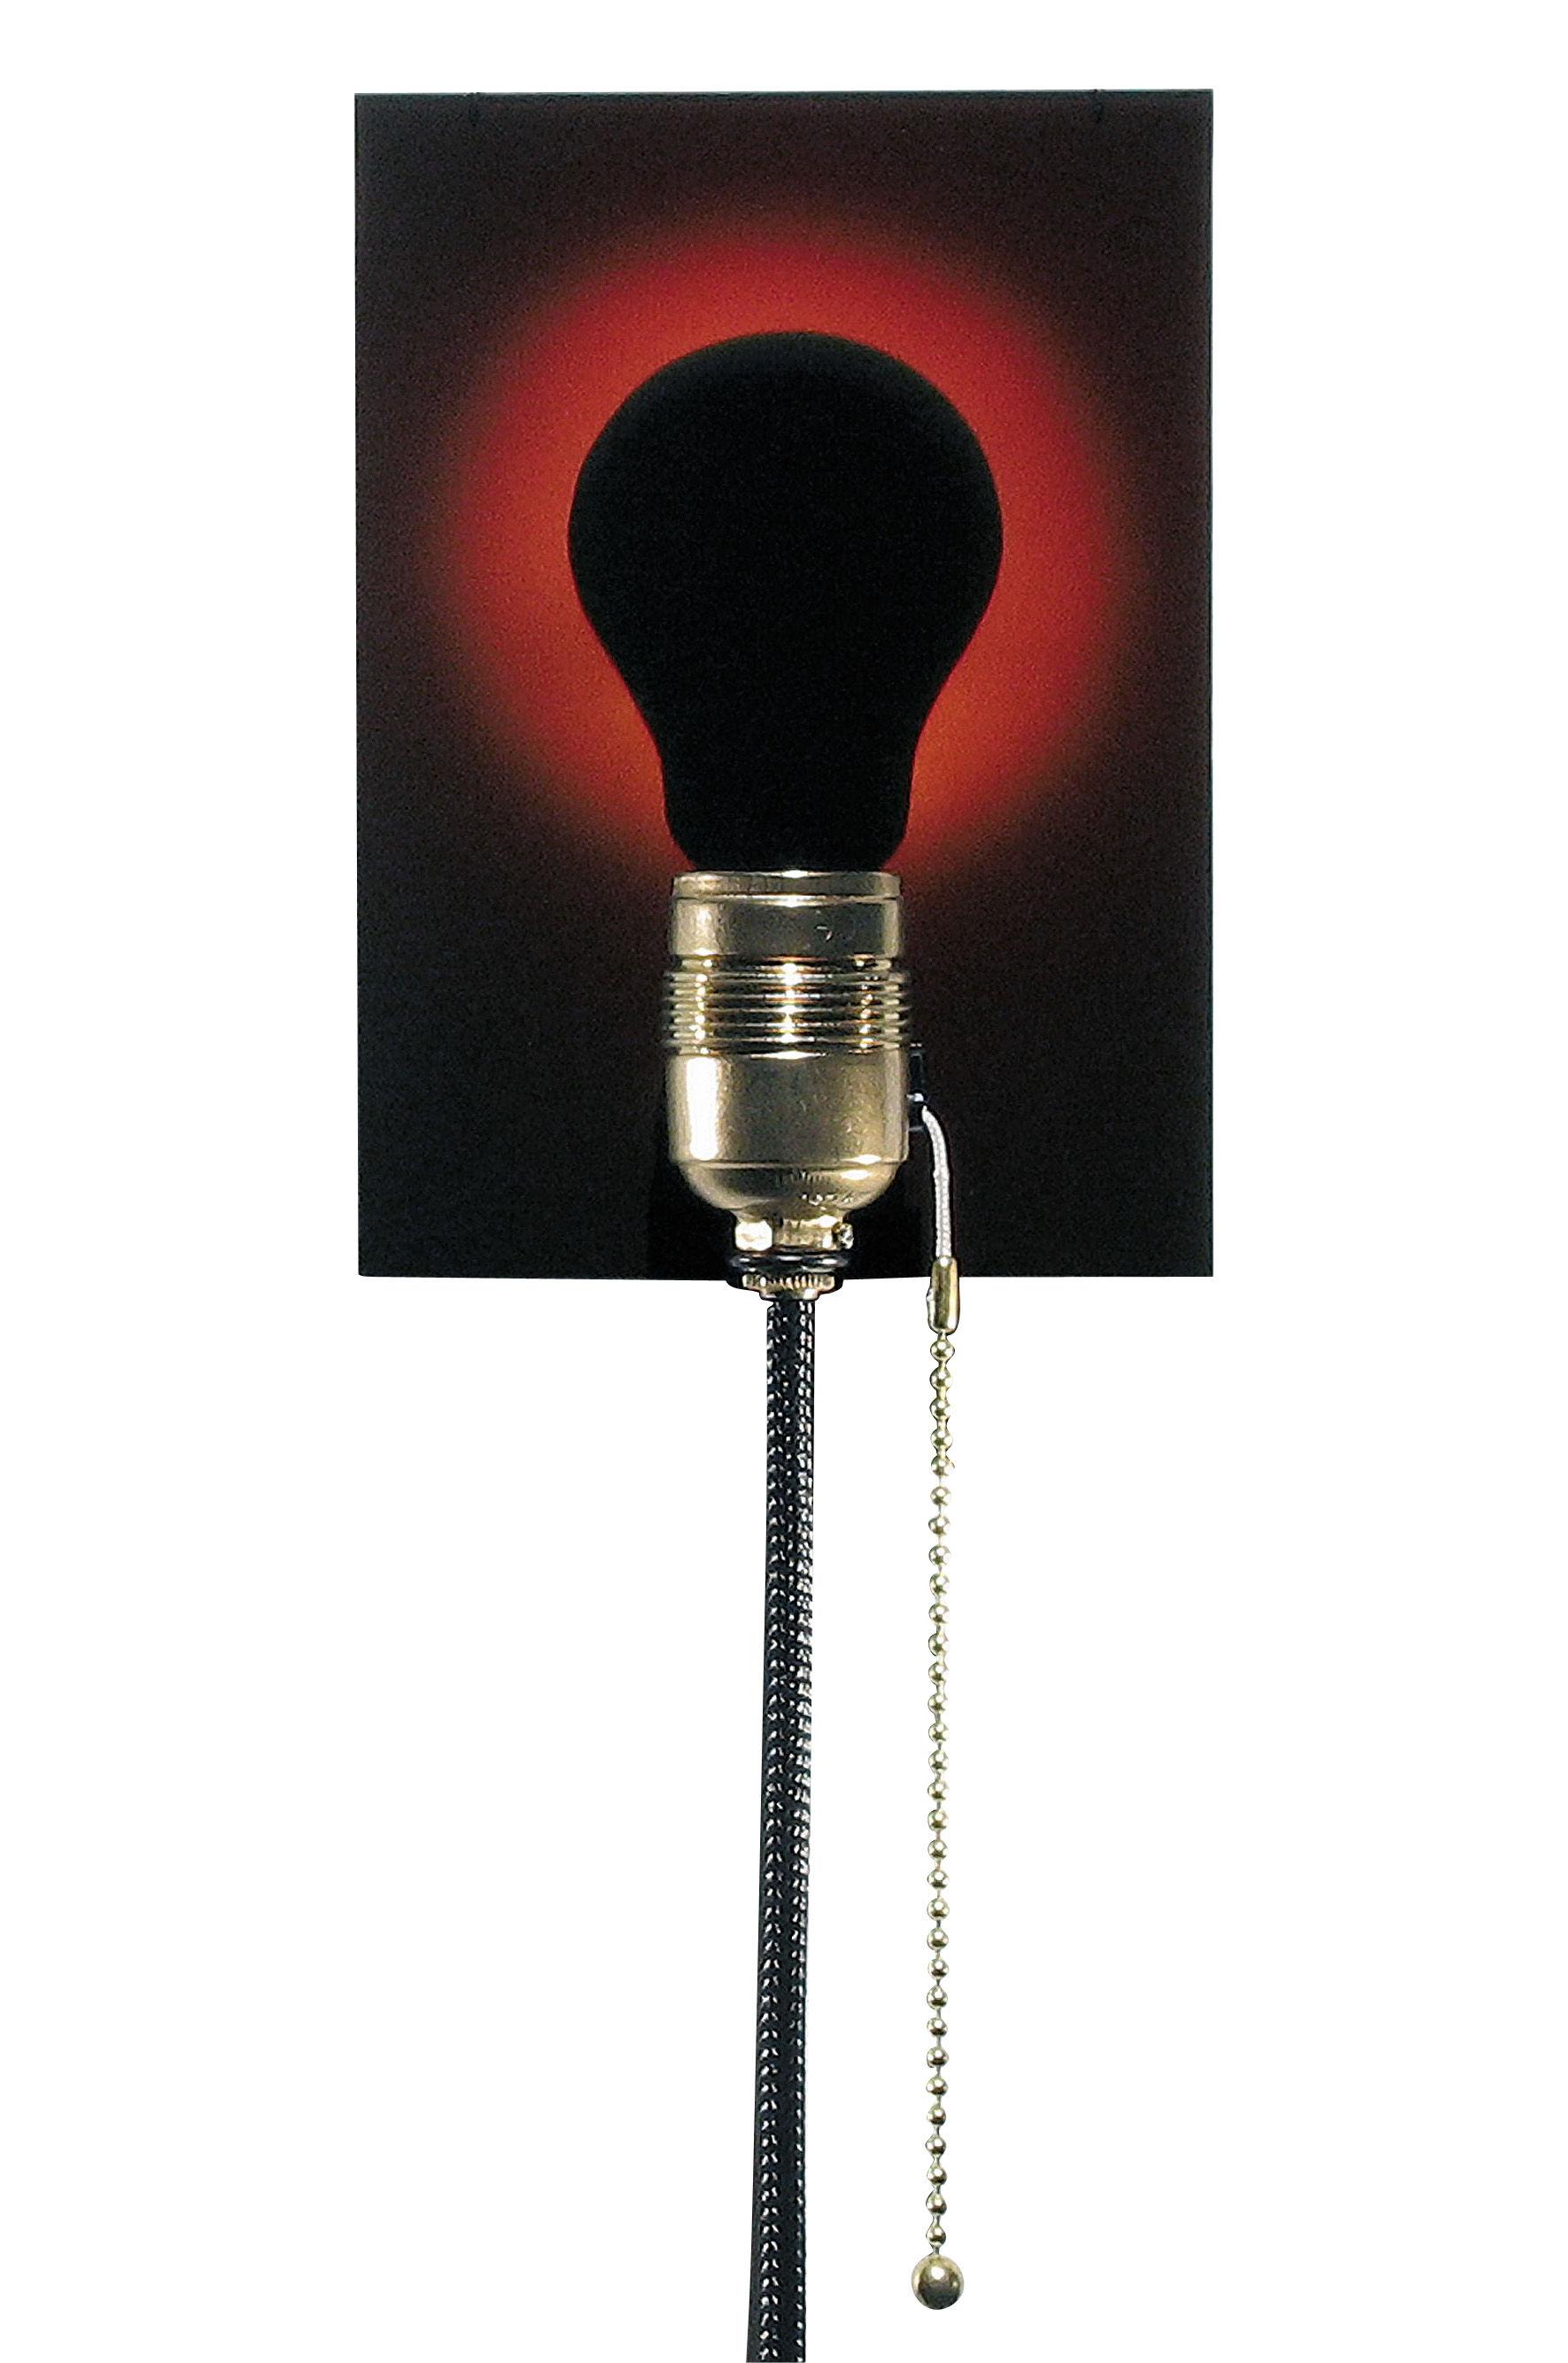 dead bulb alive wandleuchte mit stromkabel hologramm schwarze gl hbirne kabel schwarz by ingo. Black Bedroom Furniture Sets. Home Design Ideas